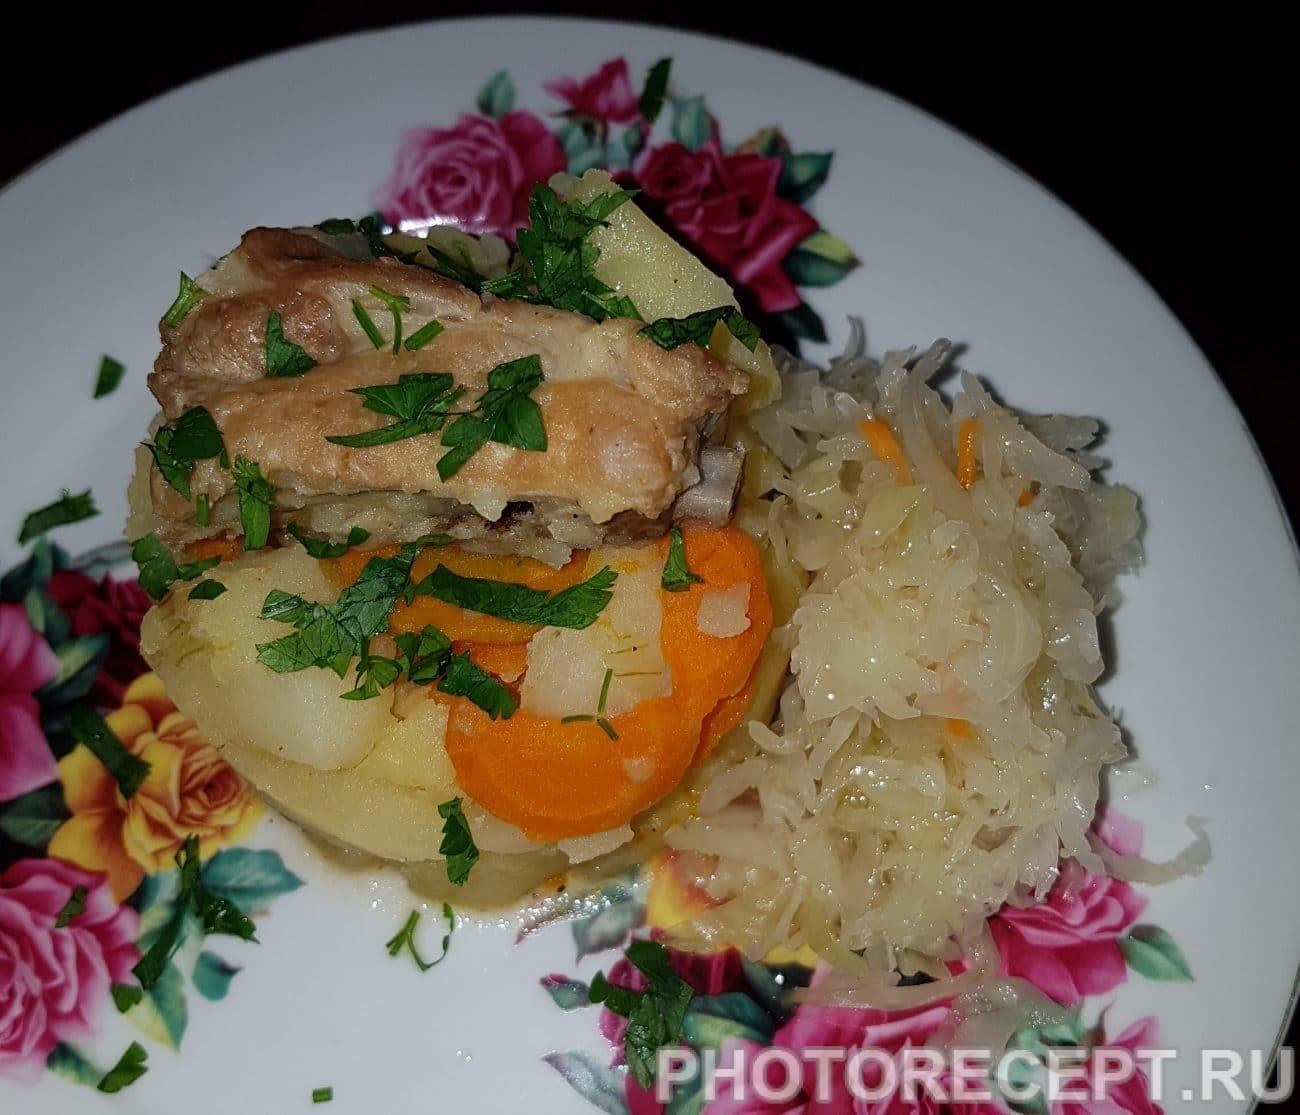 Тушеный картофель со свиными ребрами